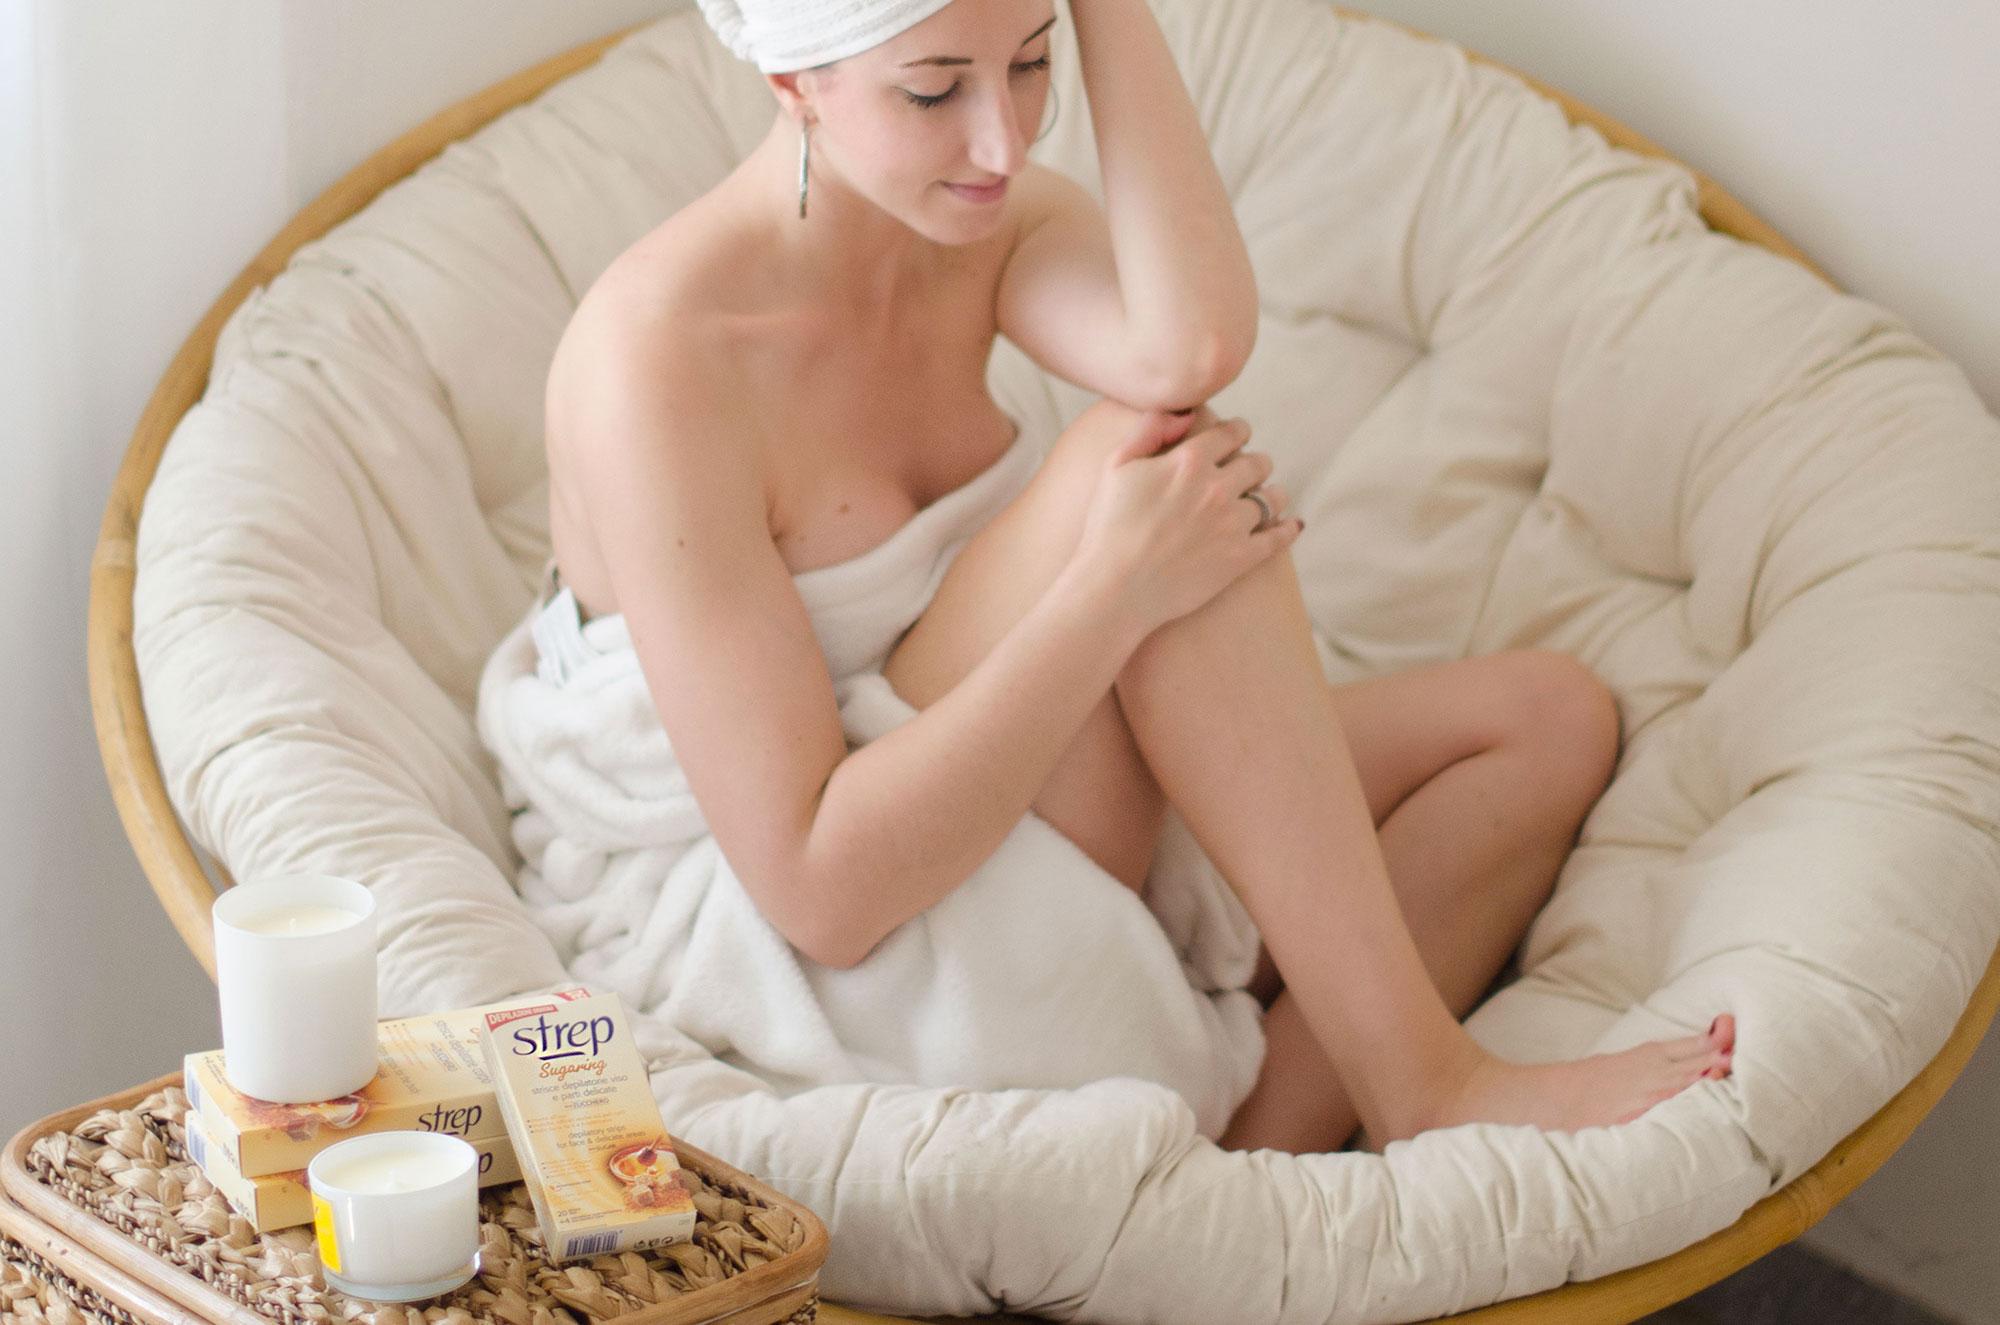 strisce strep per la depilazione